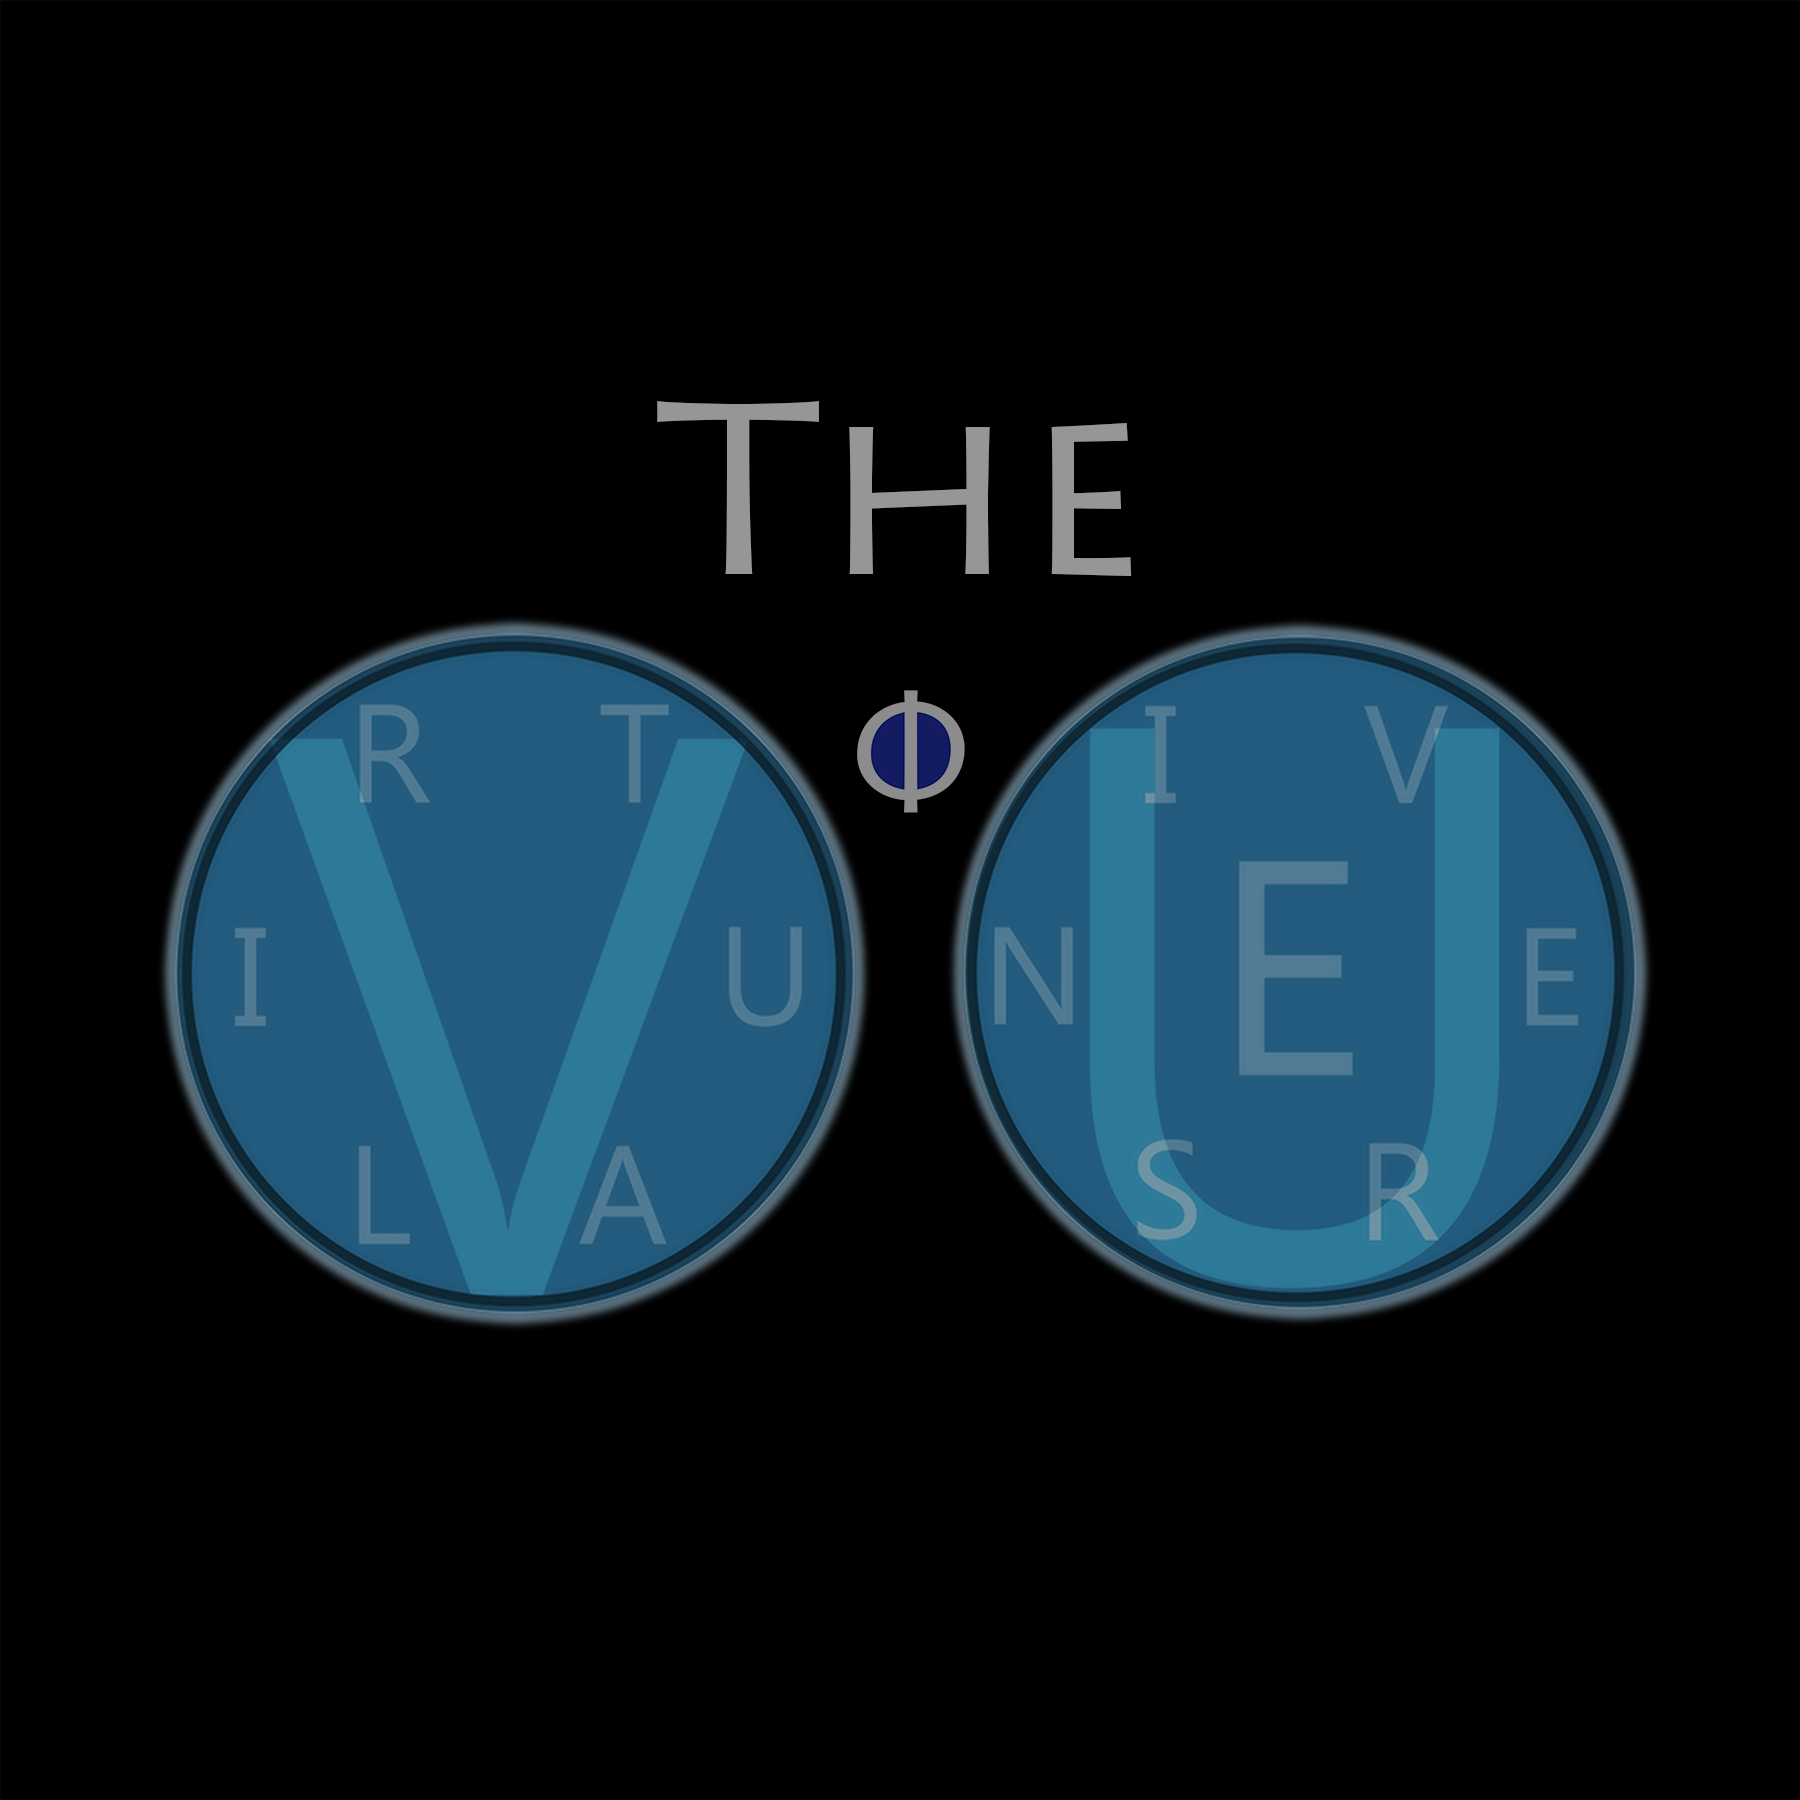 the_vu_trademark_concept